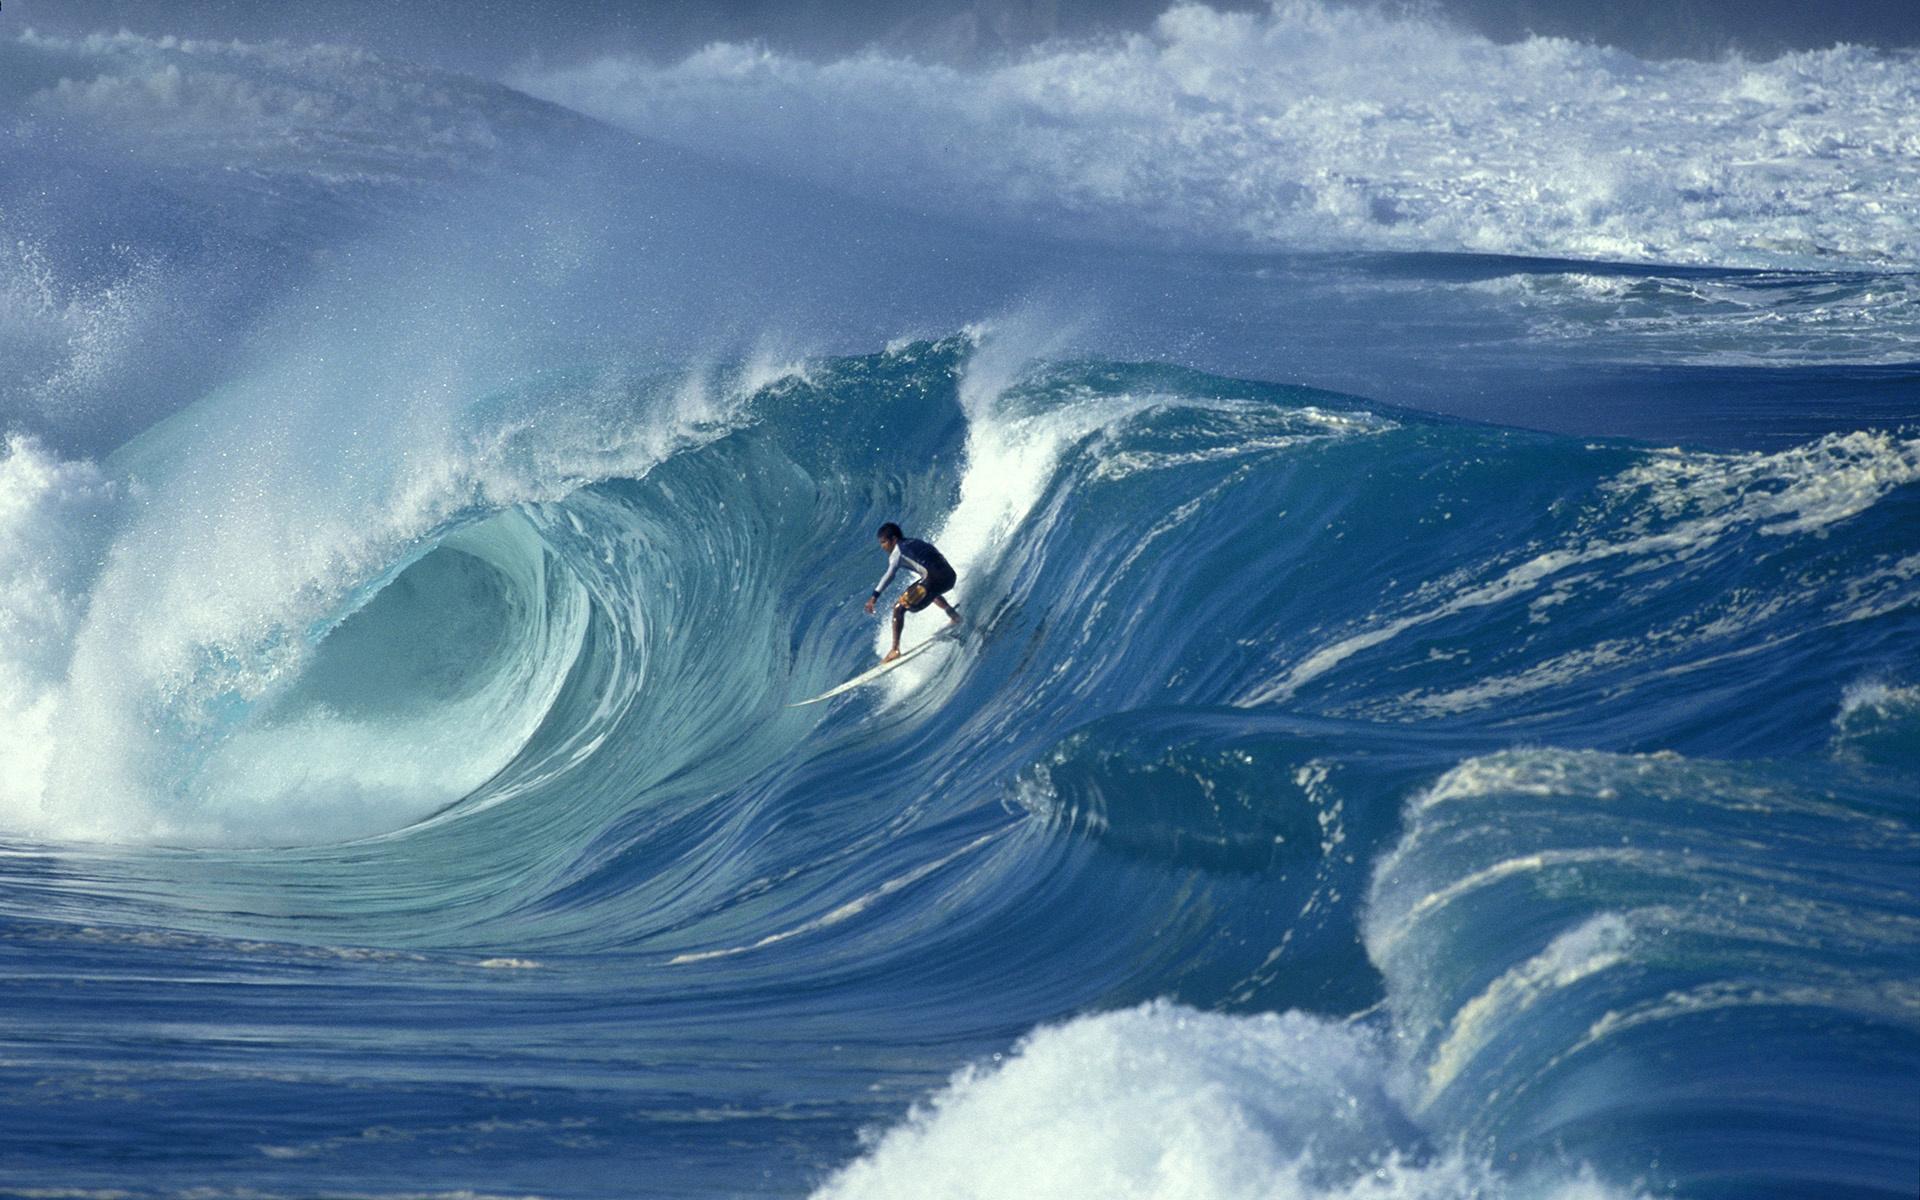 Professional surfer Marco Polo at Waimea, Oahu, Hawaii